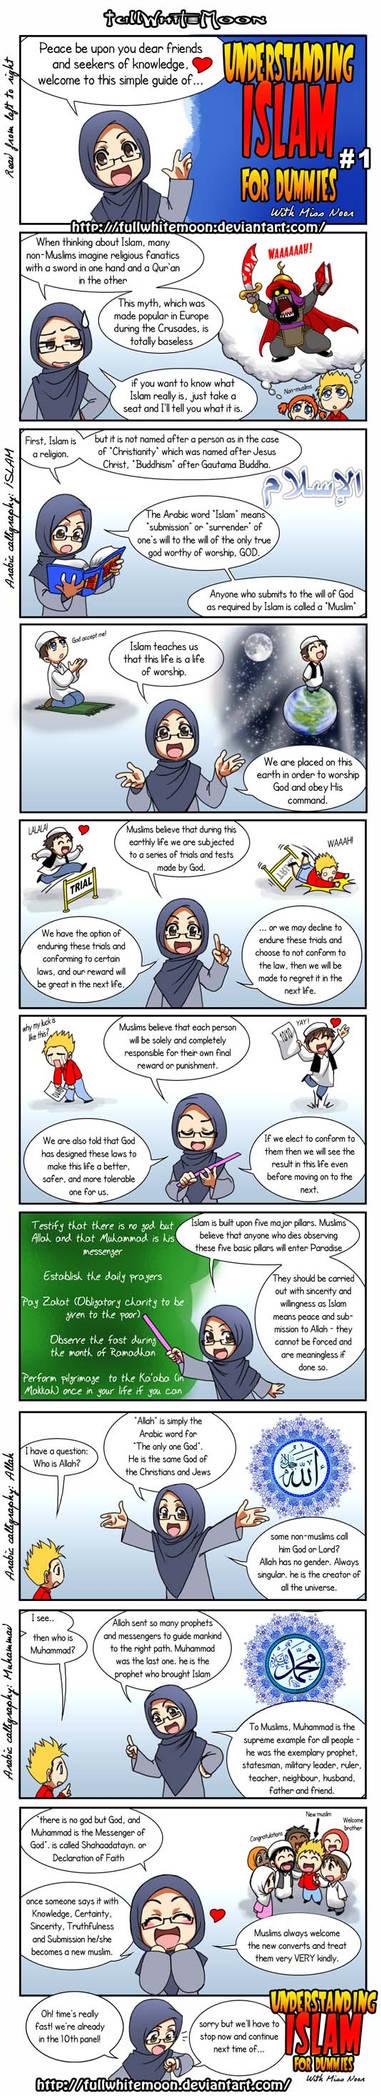 Understanding Islam 4 dummies1